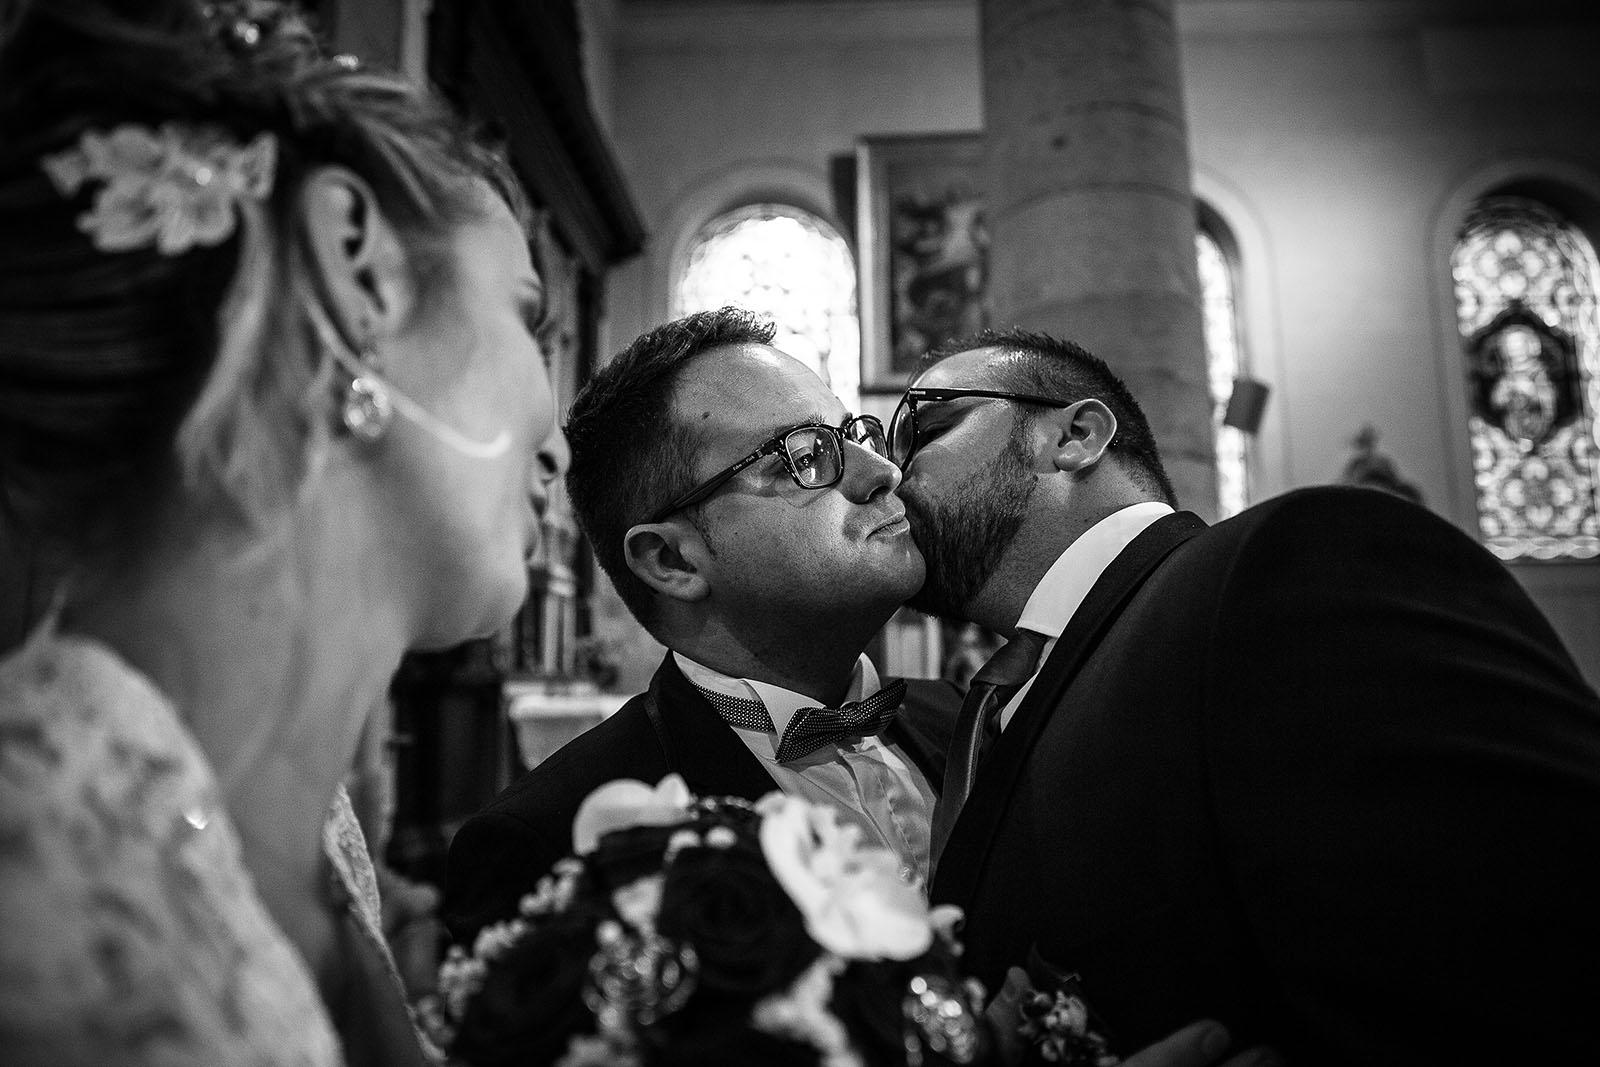 photographe de mariage chalon sur sane le frre du mari embrasse le jeune mari - Photographe Mariage Chalon Sur Saone